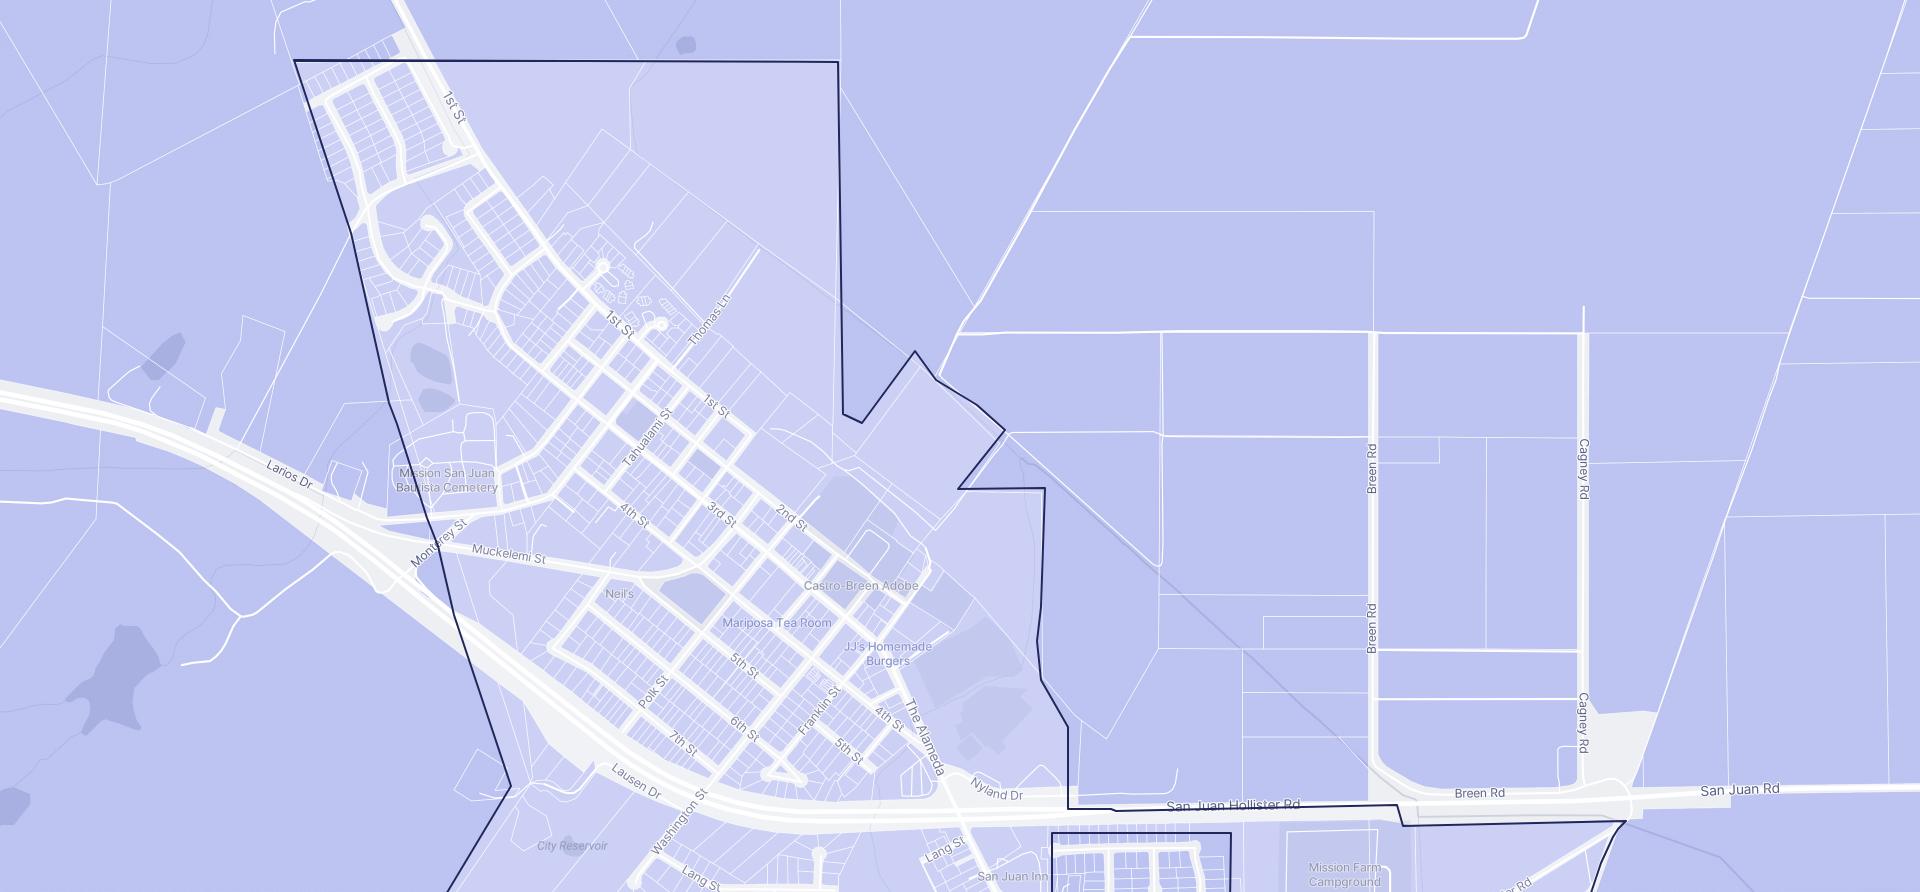 Image of San Juan Bautista boundaries on a map.